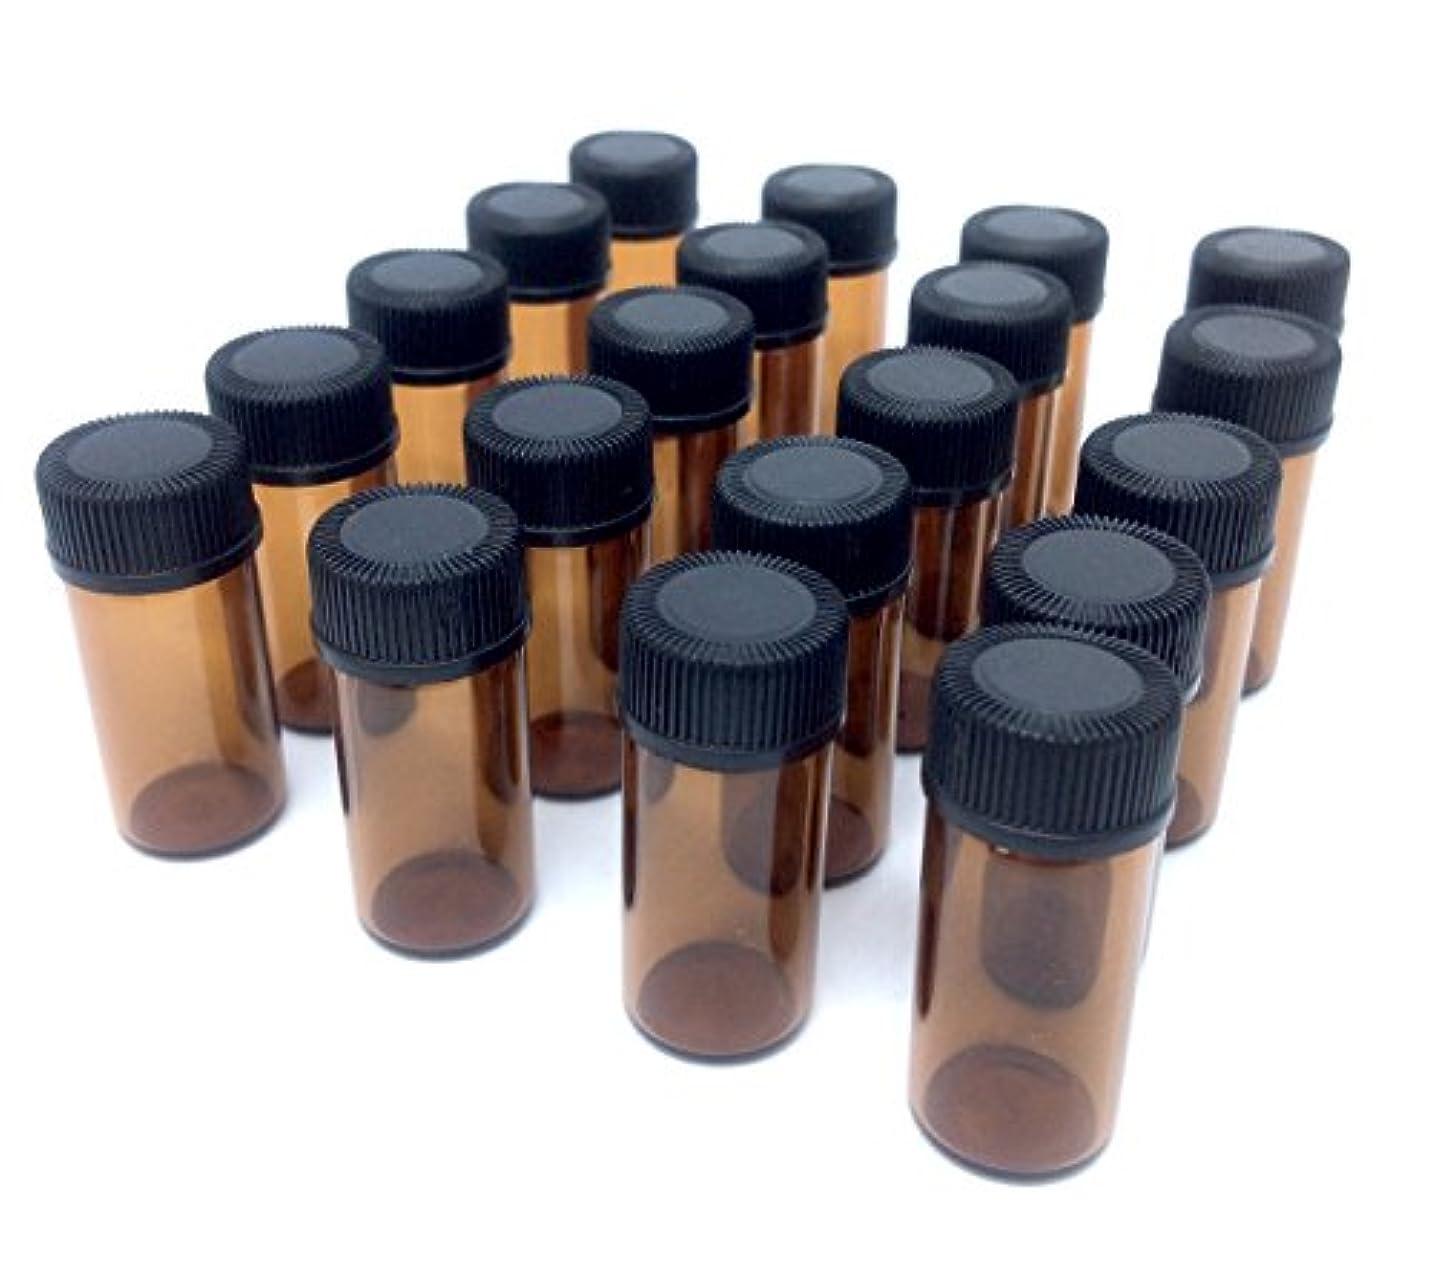 コインランドリー日焼けドメインアロマオイル 遮光瓶 精油 小分け用 ガラス製 保存容器 20本 セット (3ml)